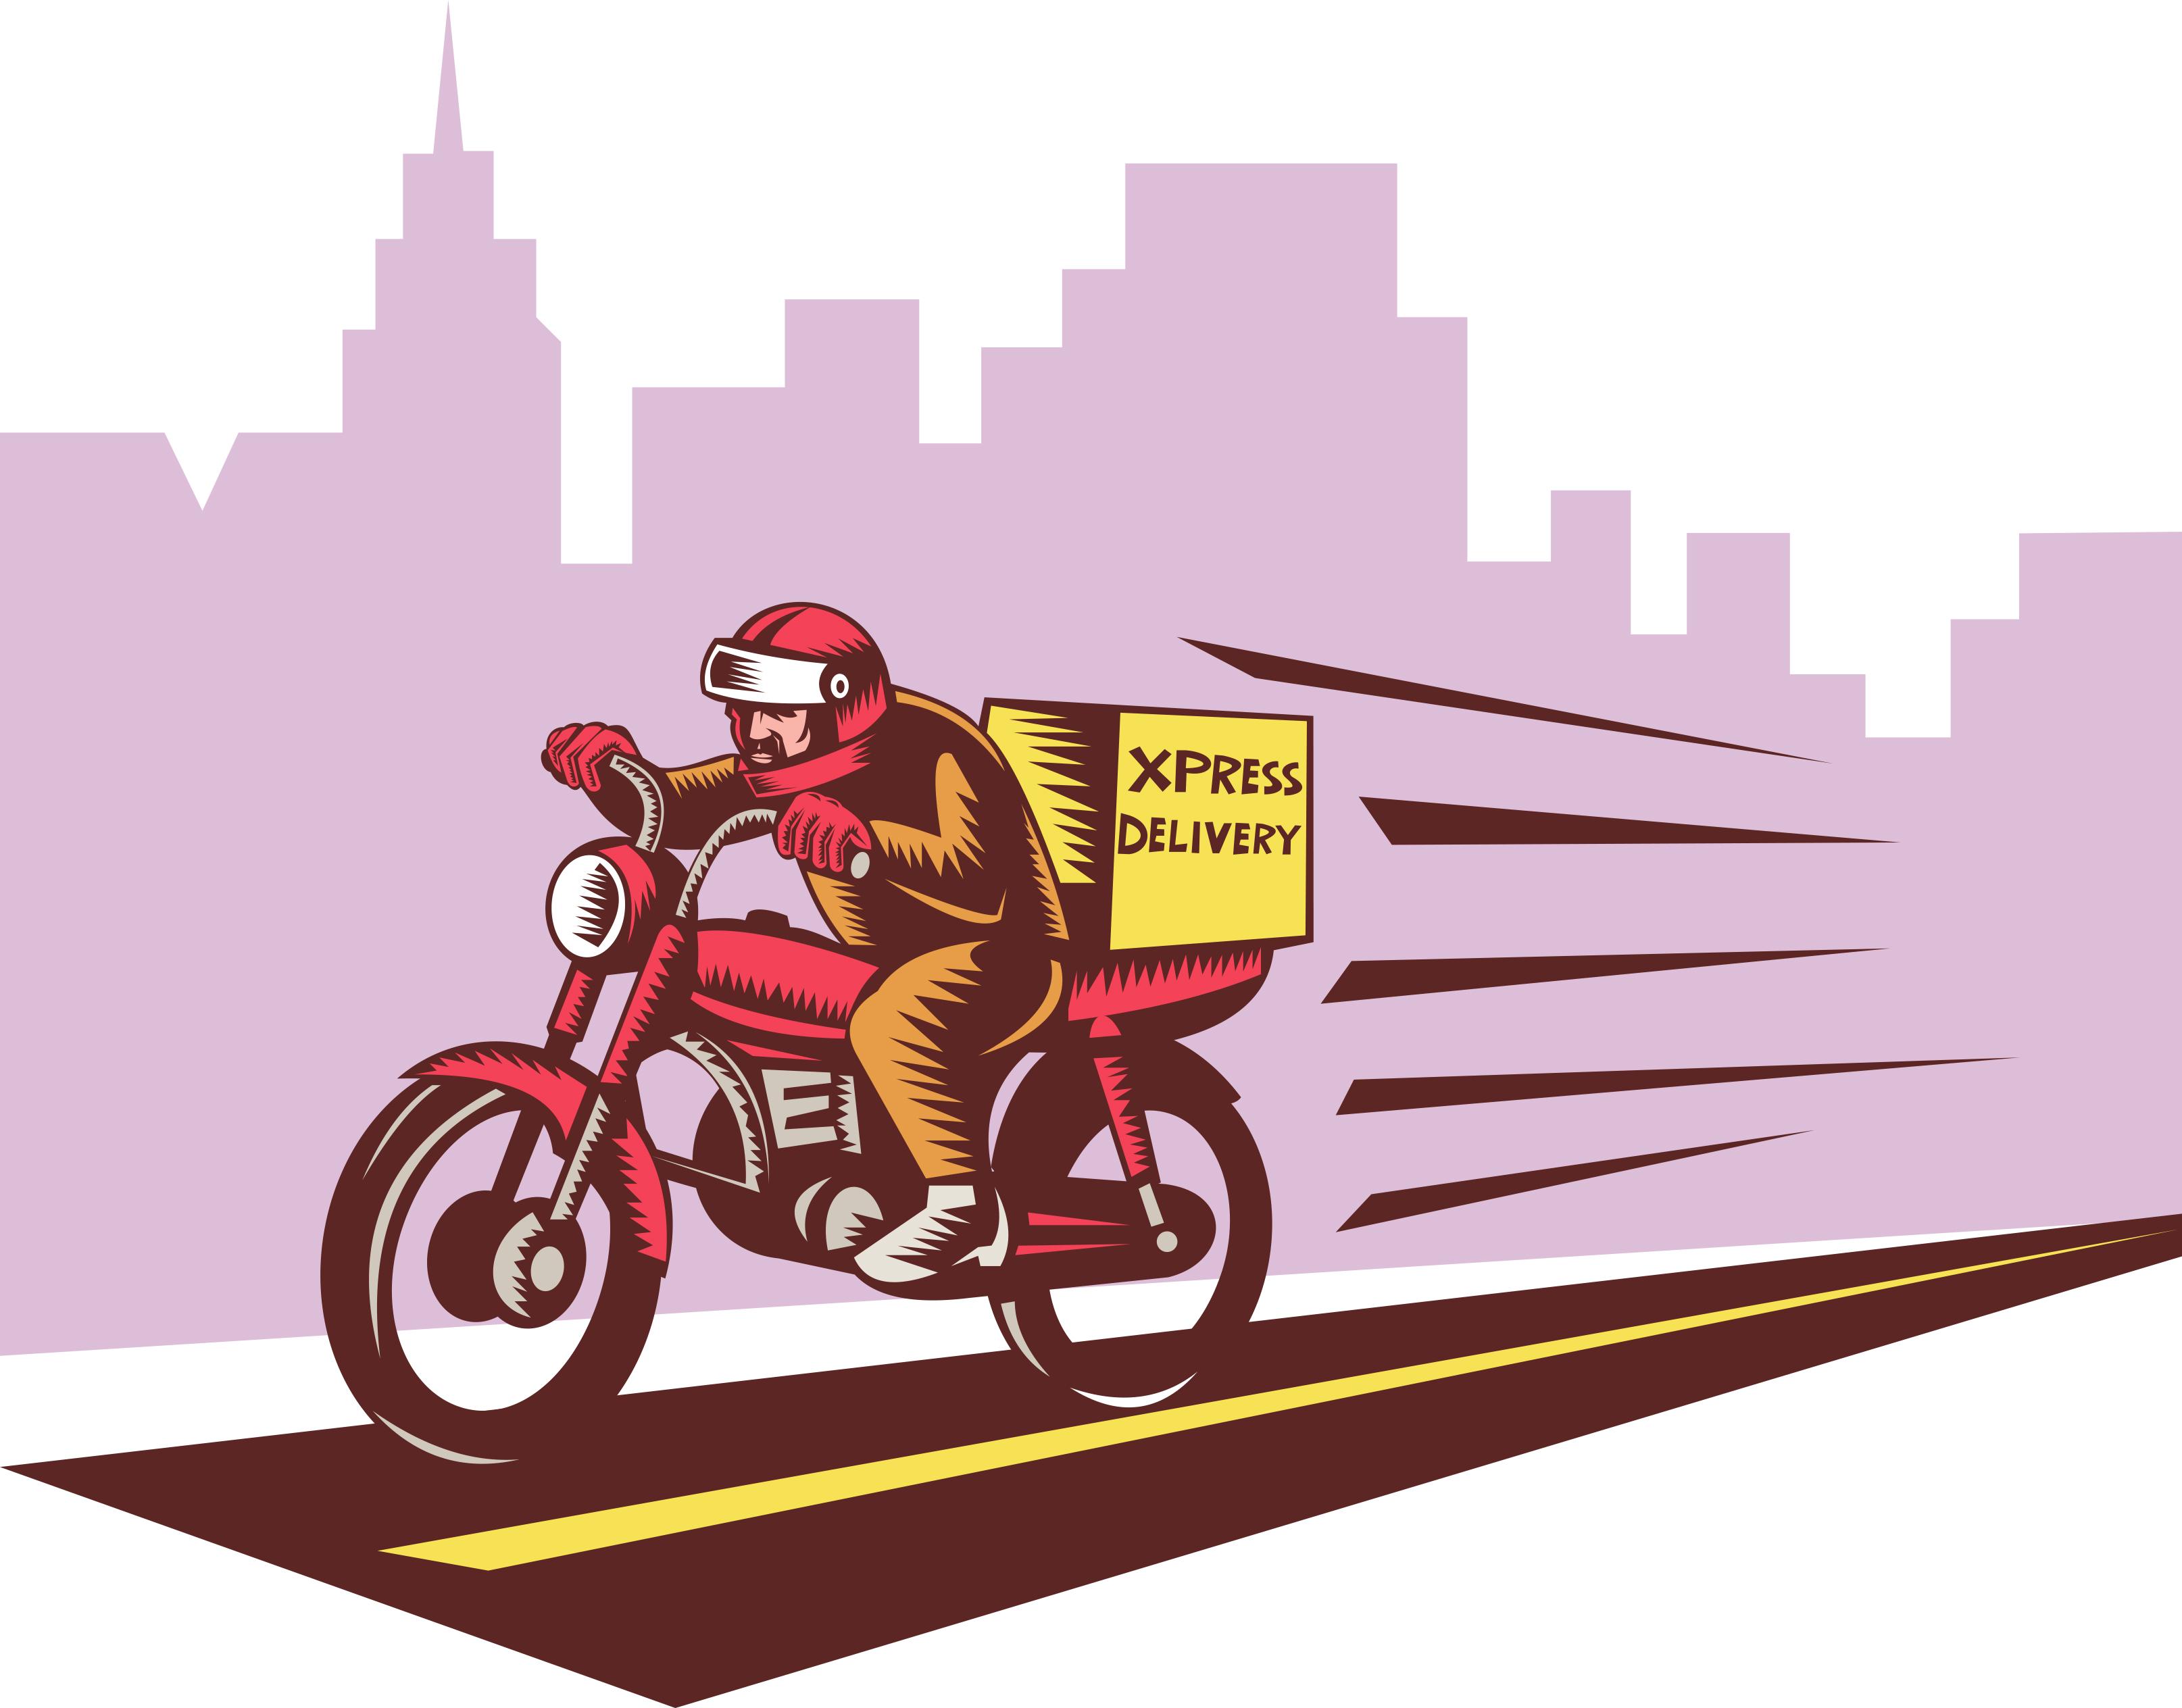 Motoboy disponível: Alphaville, Cotia, Osasco e Taboão